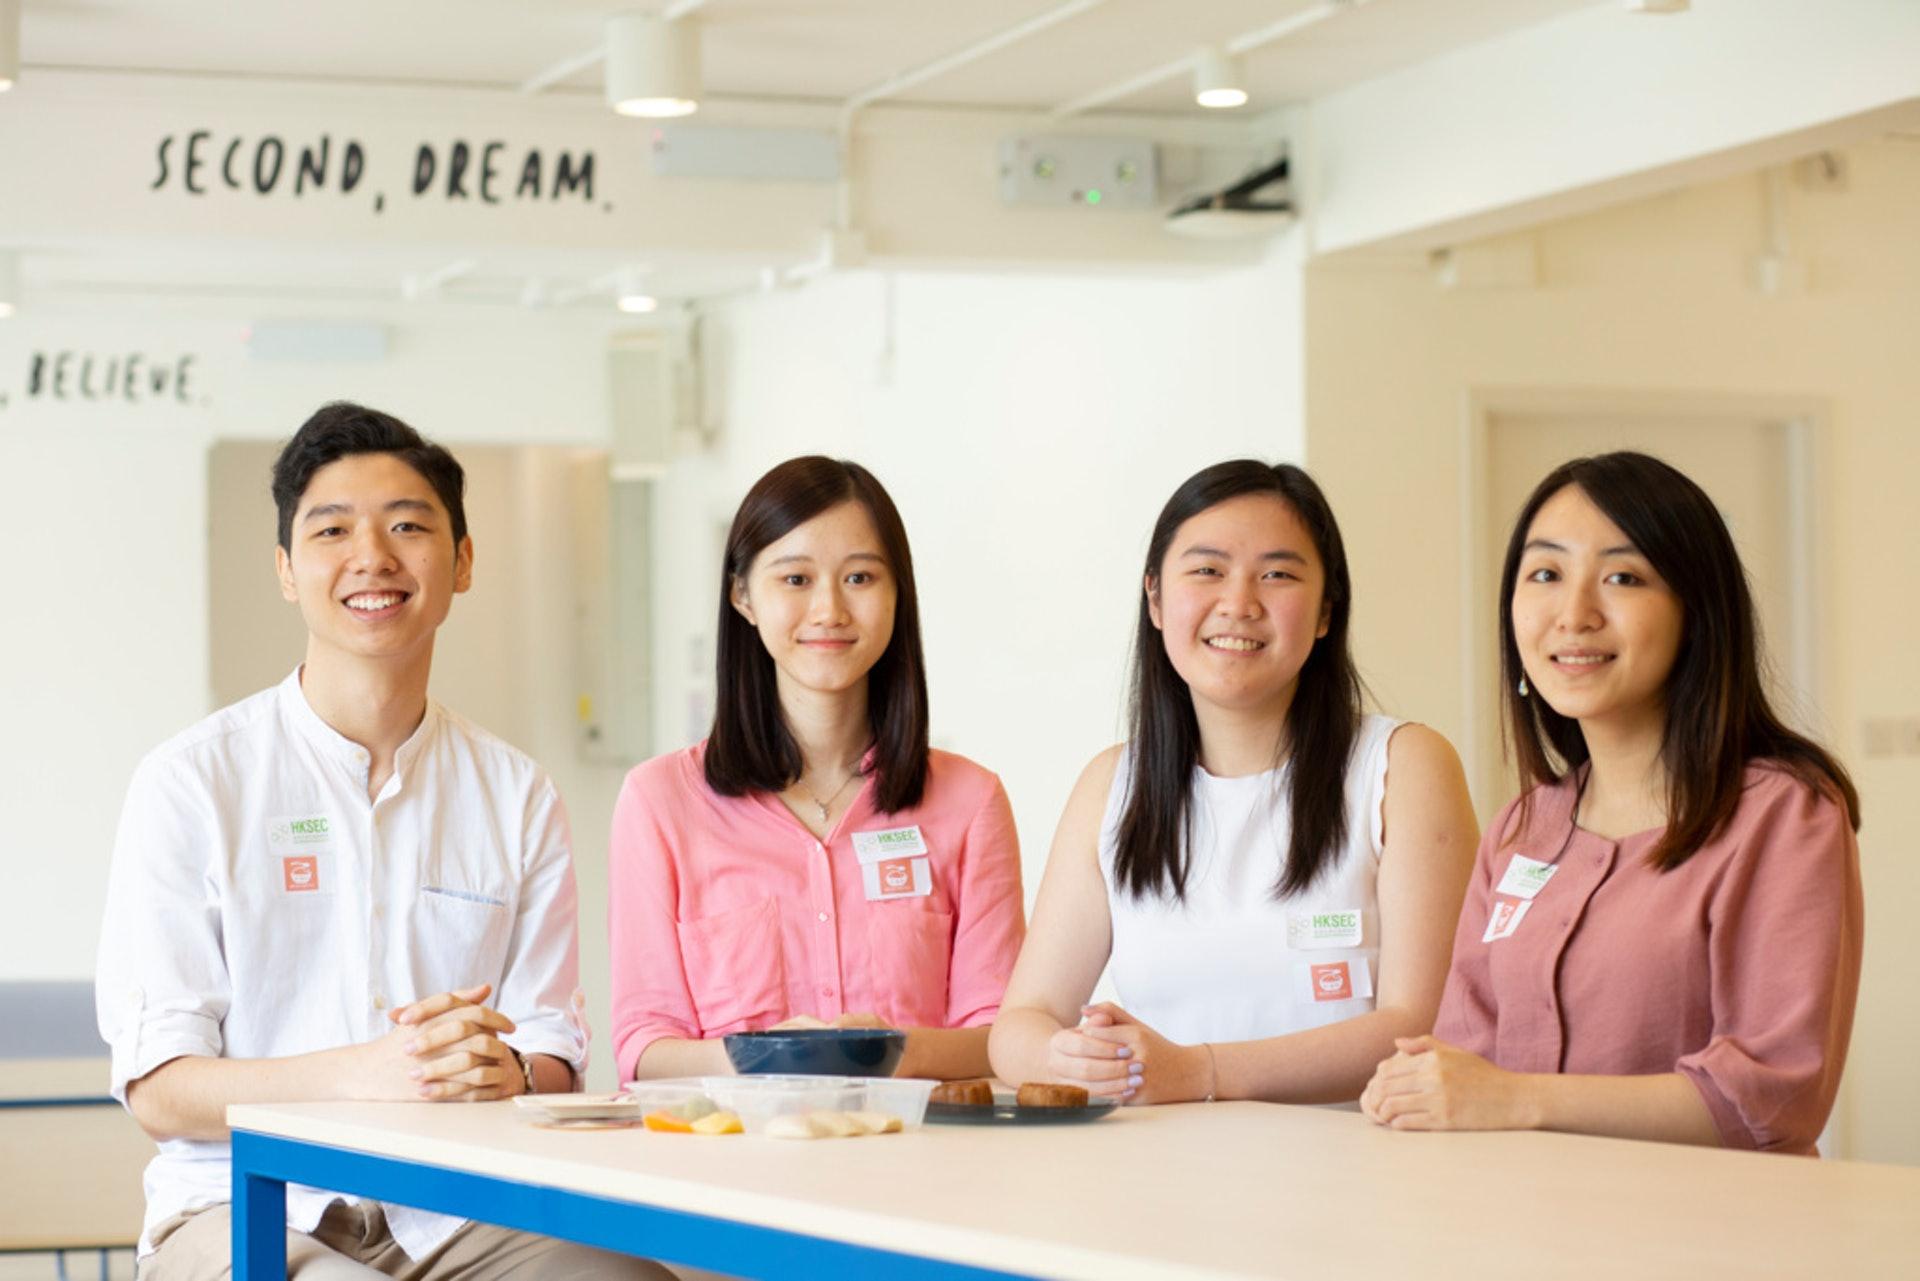 四名大學生去年組成團隊參加香港社會企業賽,創辦社企「軟膳點 Mealingful」,一舉奪得冠軍。(龔嘉盛攝)